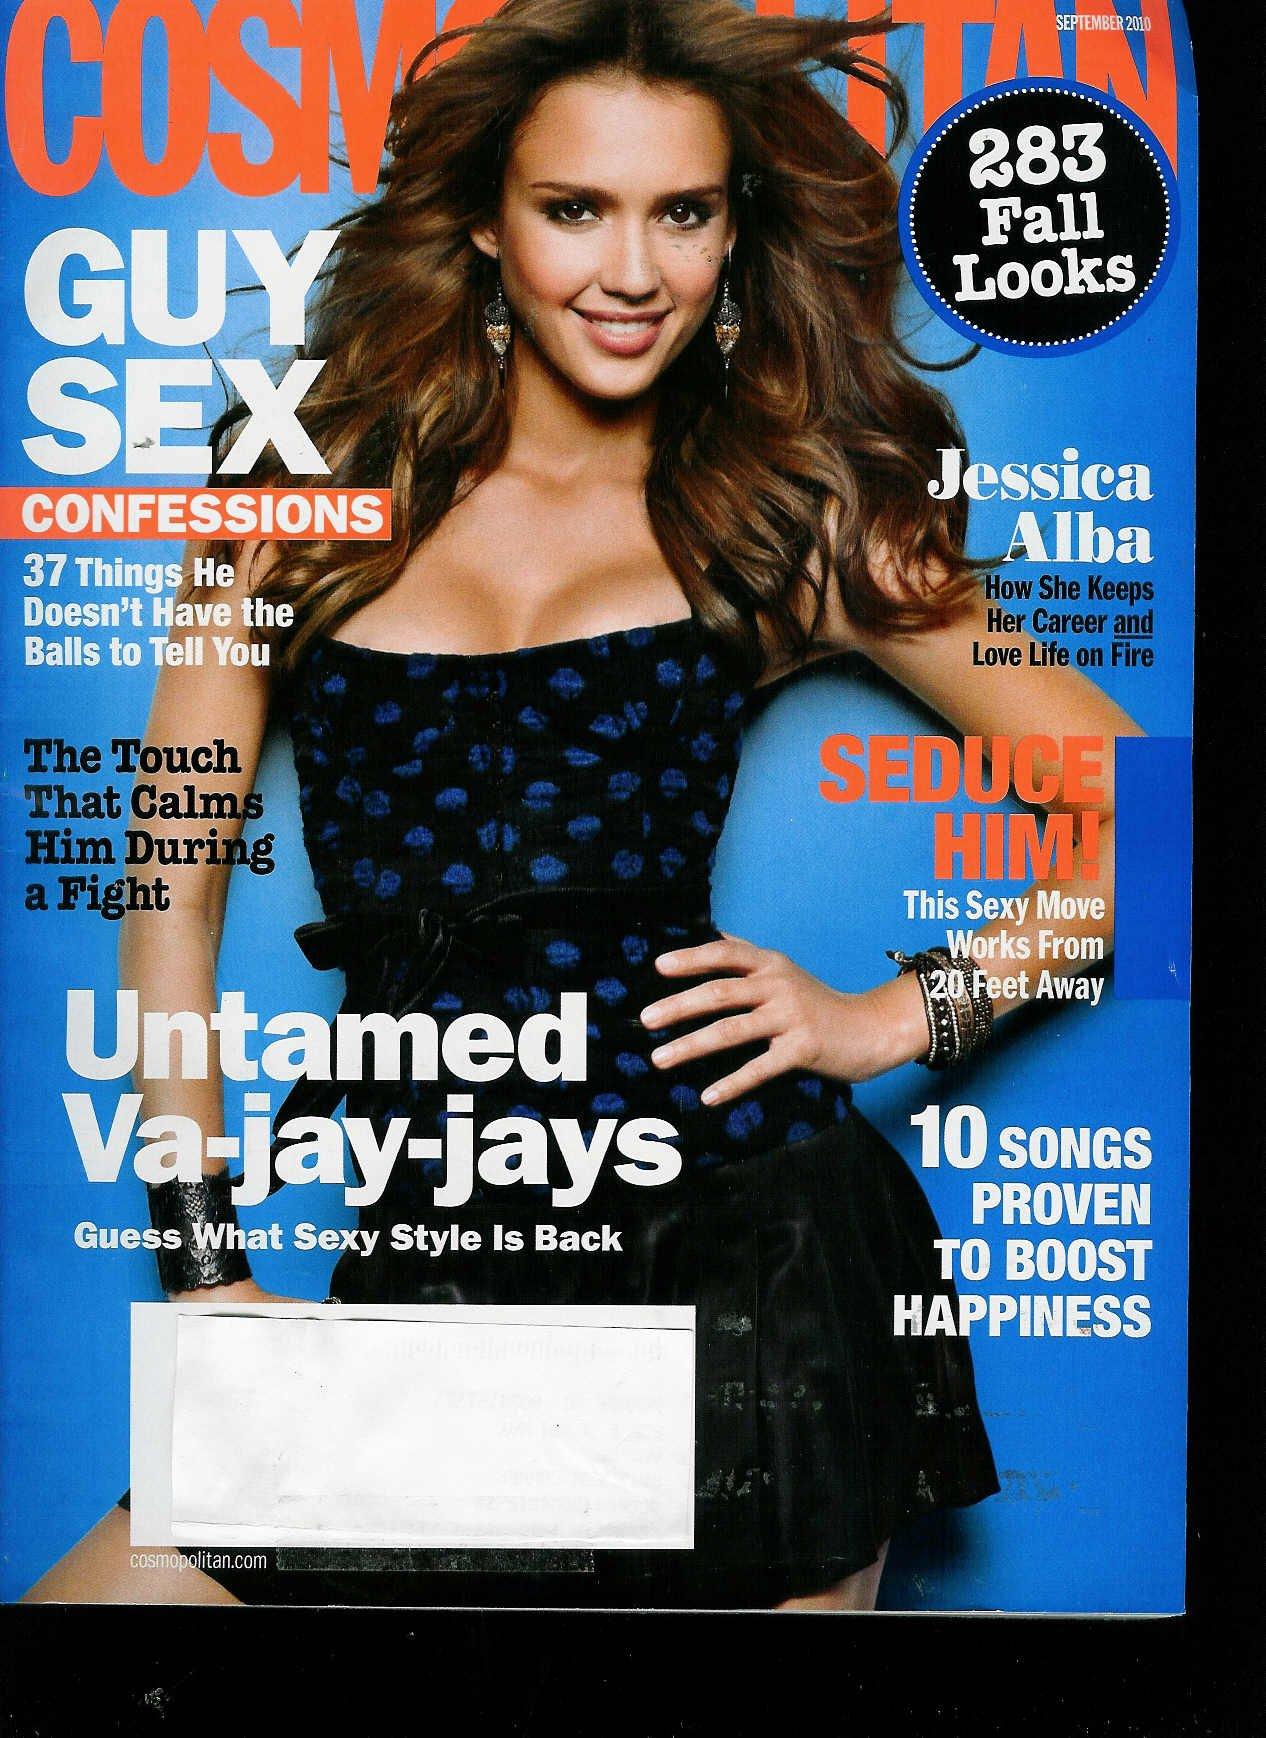 Read Online Cosmopolitan Jessica Alba//Guy Sex Confessions //Untamed Va-jay-jays (September 2010) PDF